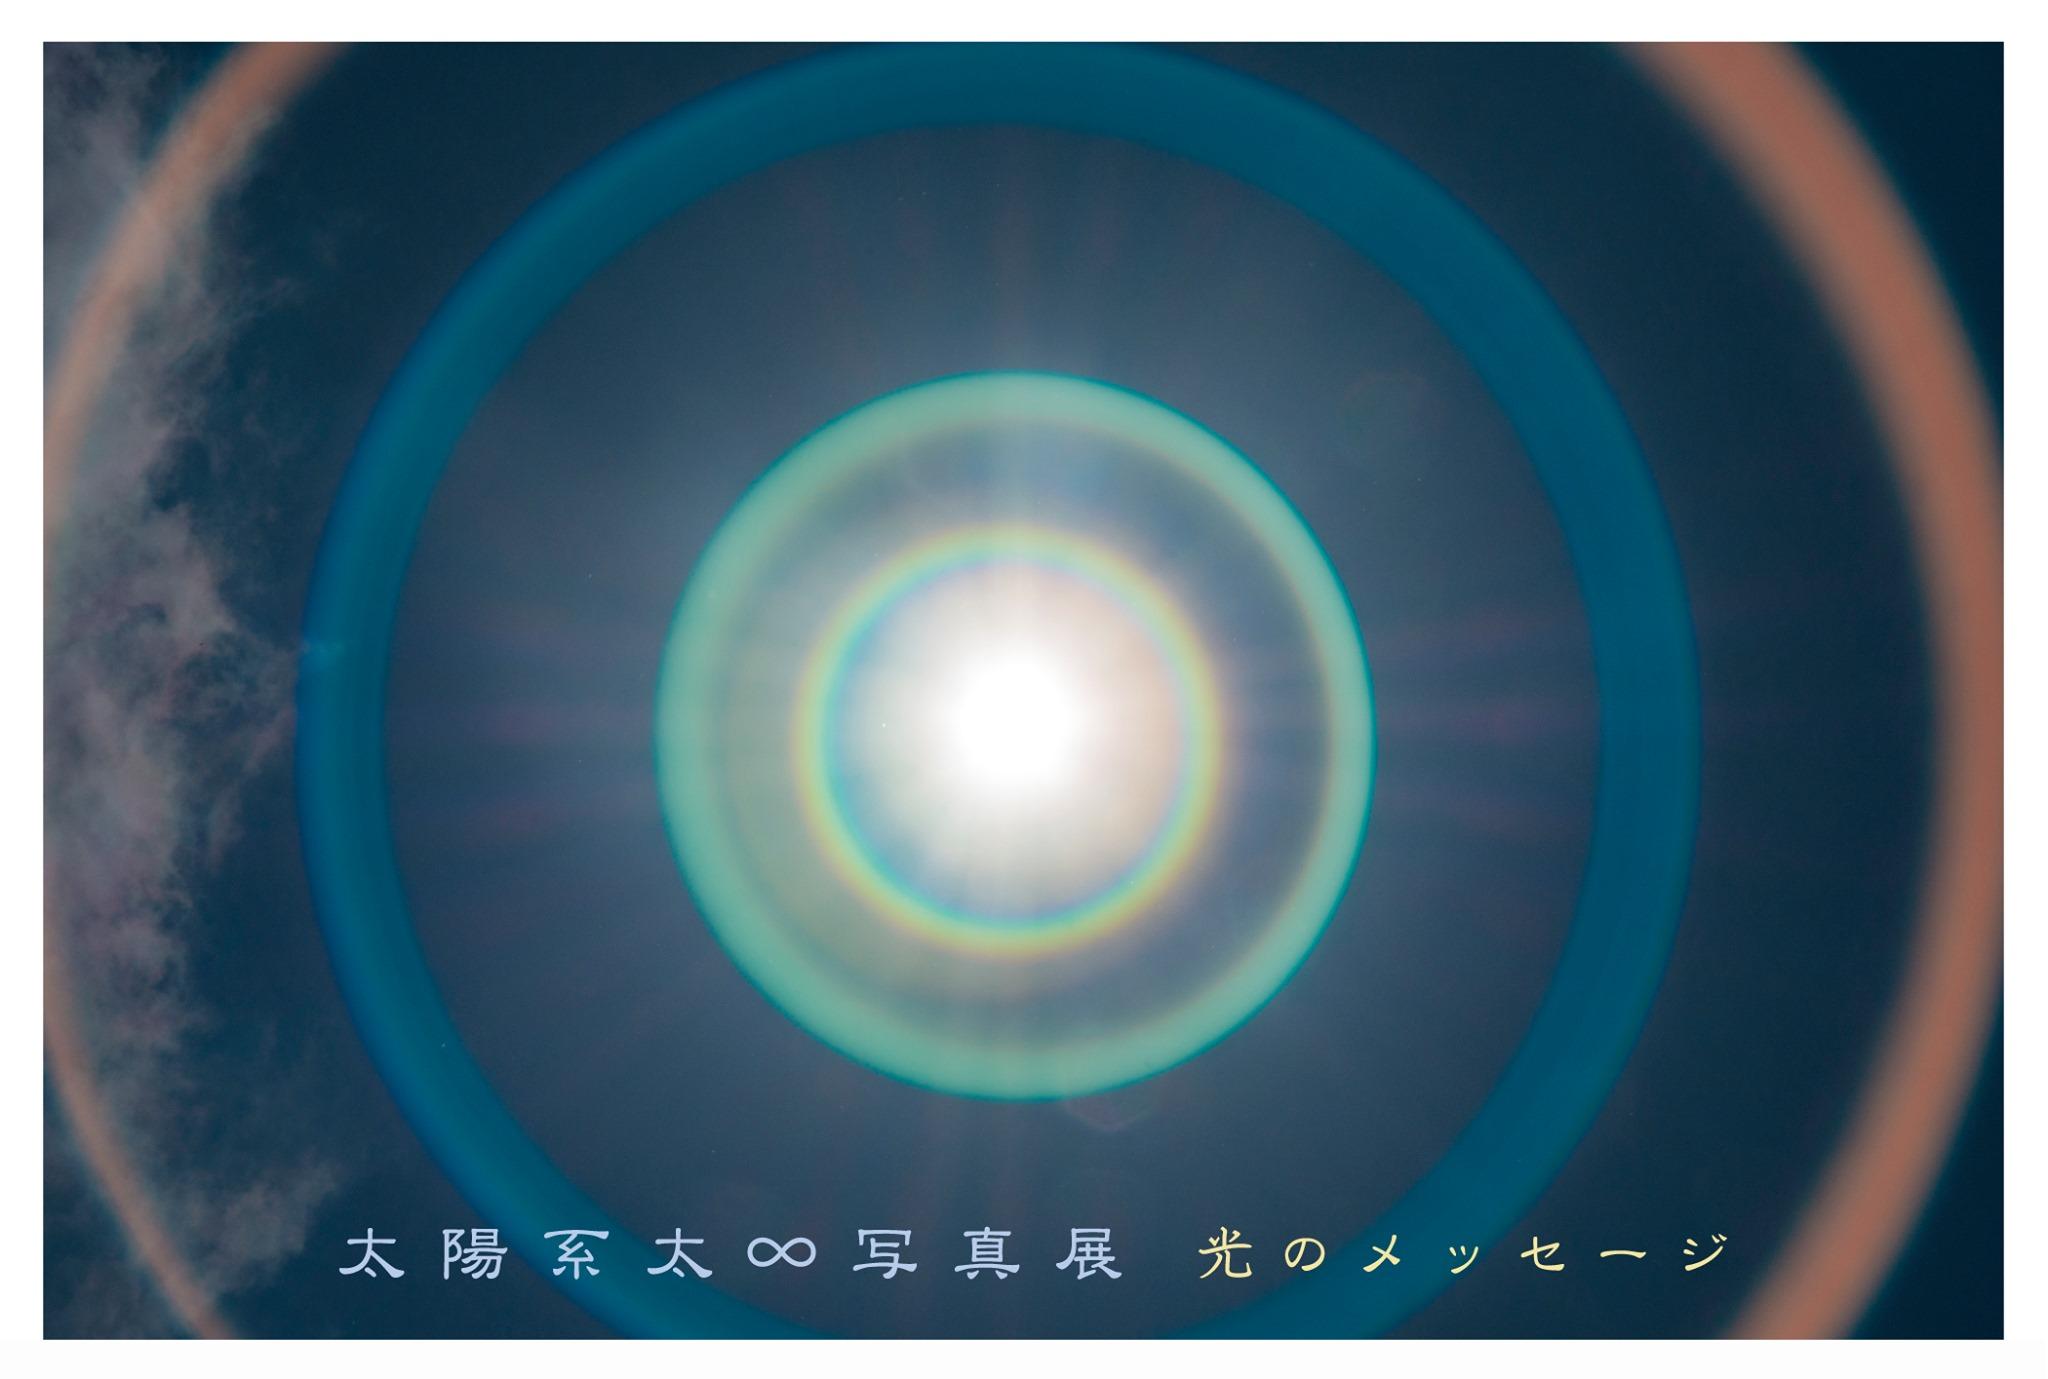 8/30金~9/4水『太陽系太 ∞ 写真展@café slow gallery〜光のメッセージ〜』